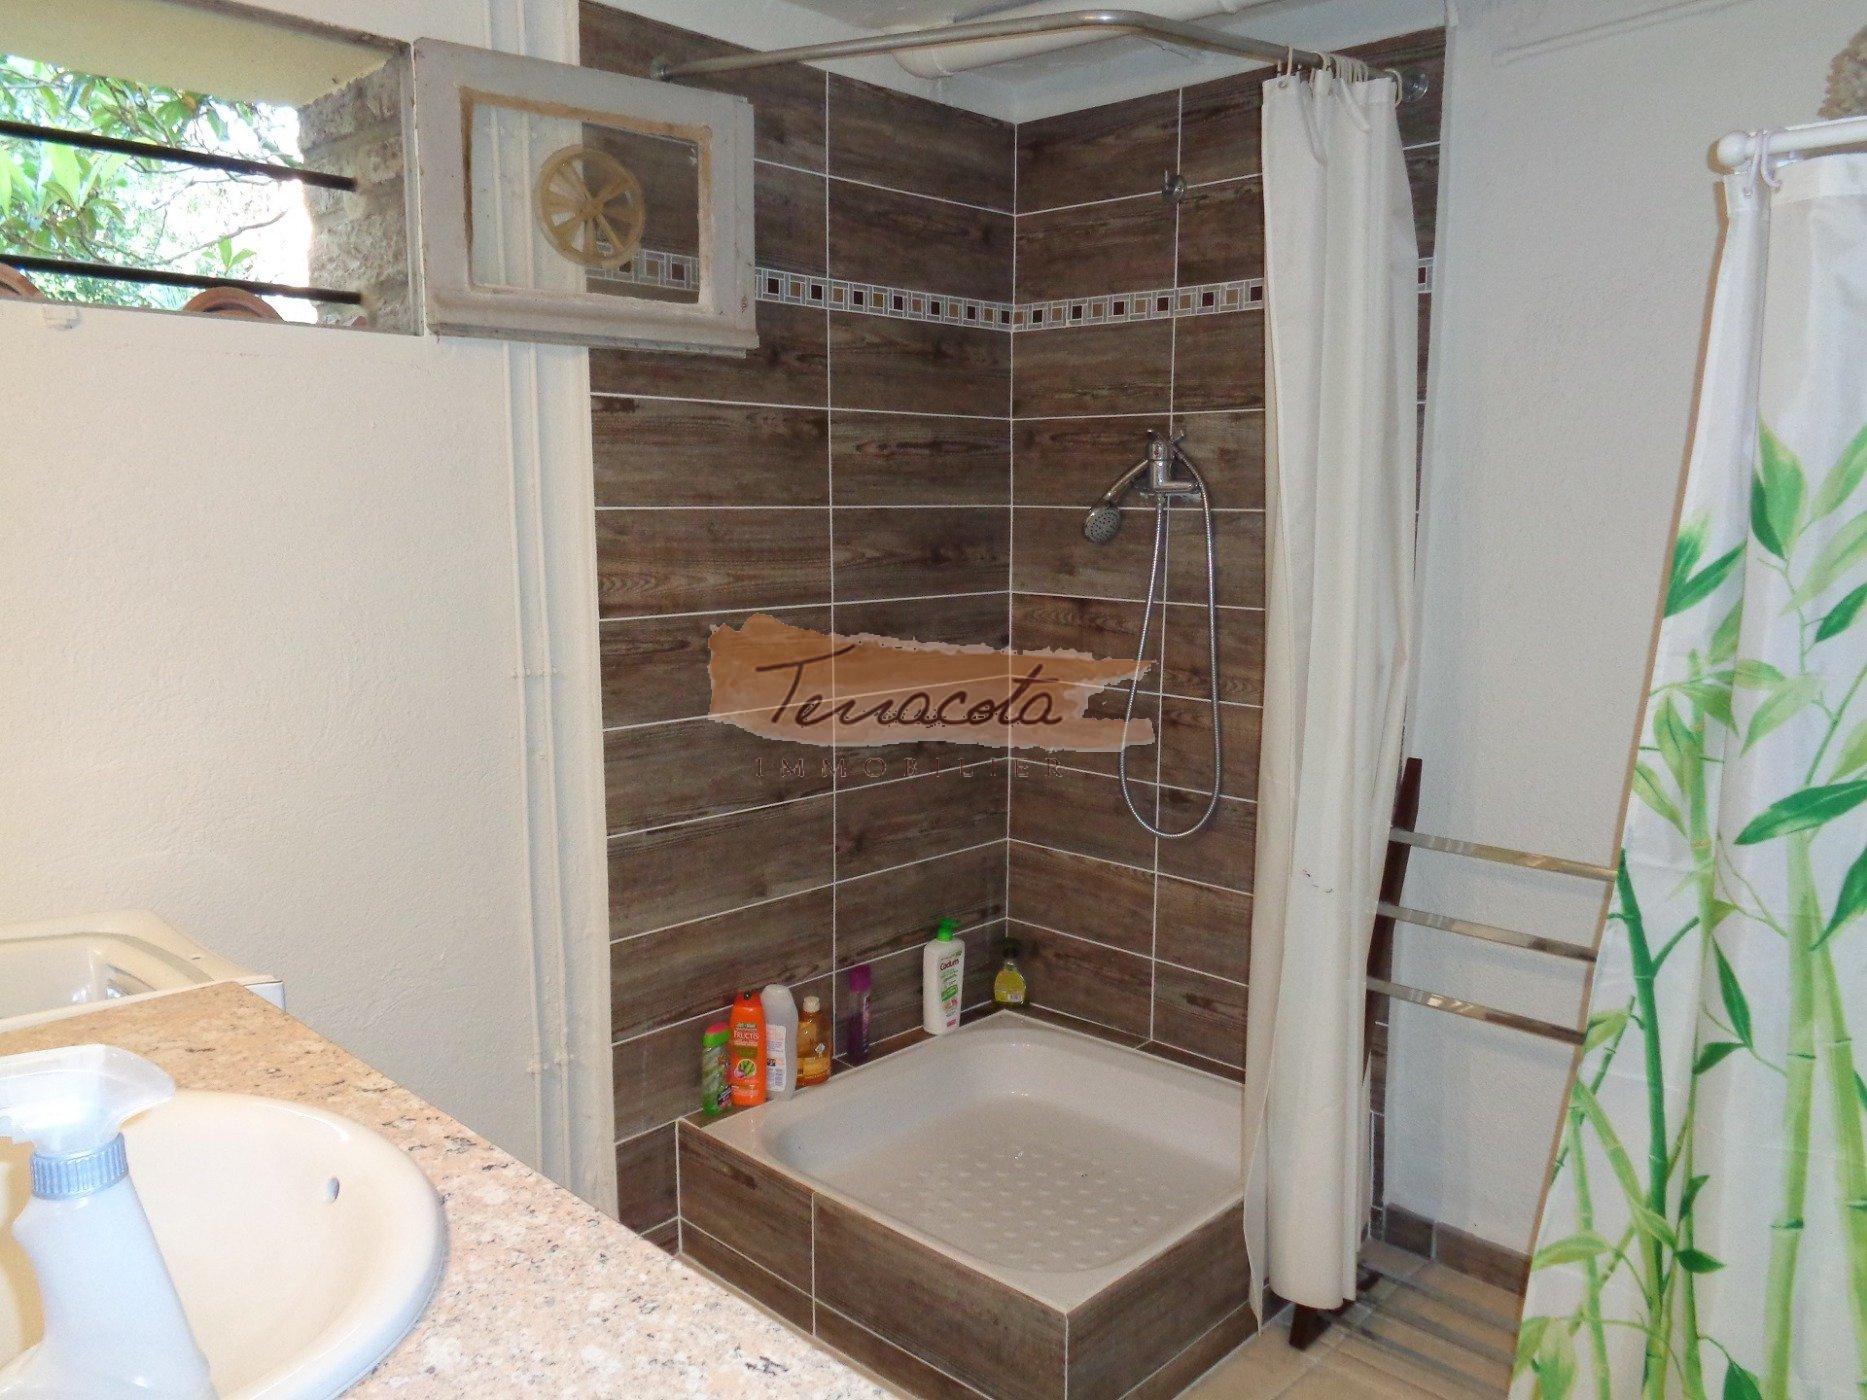 douche du baschaque partie à sa salle d'eau(3 salles d'eau au total et 3 wc)